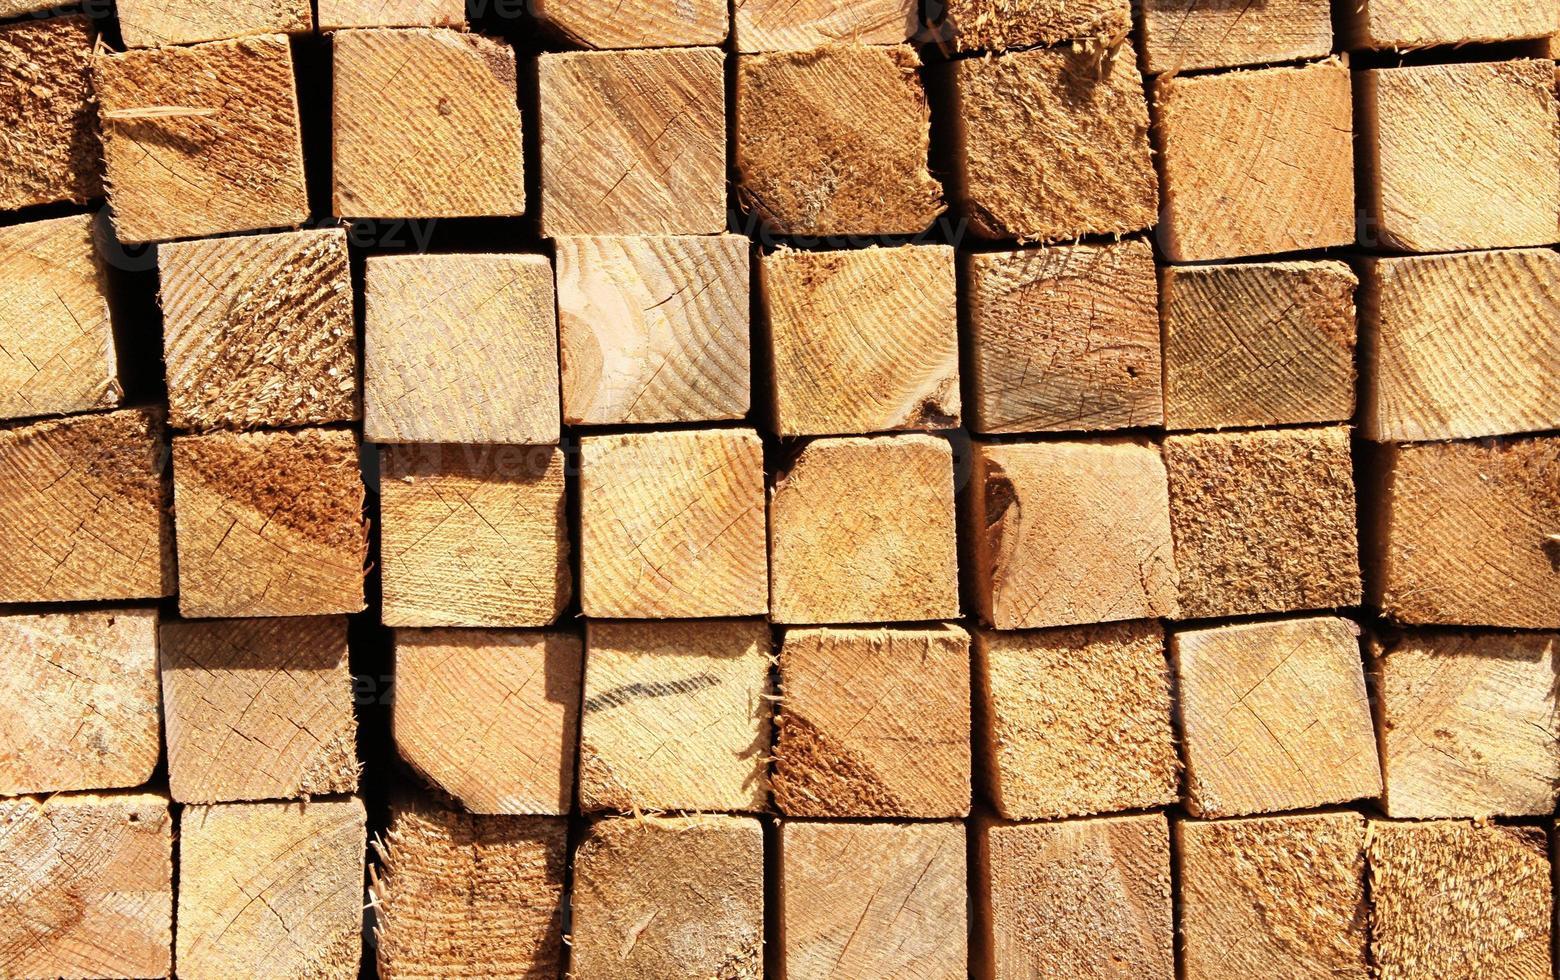 assi di legno in un magazzino foto